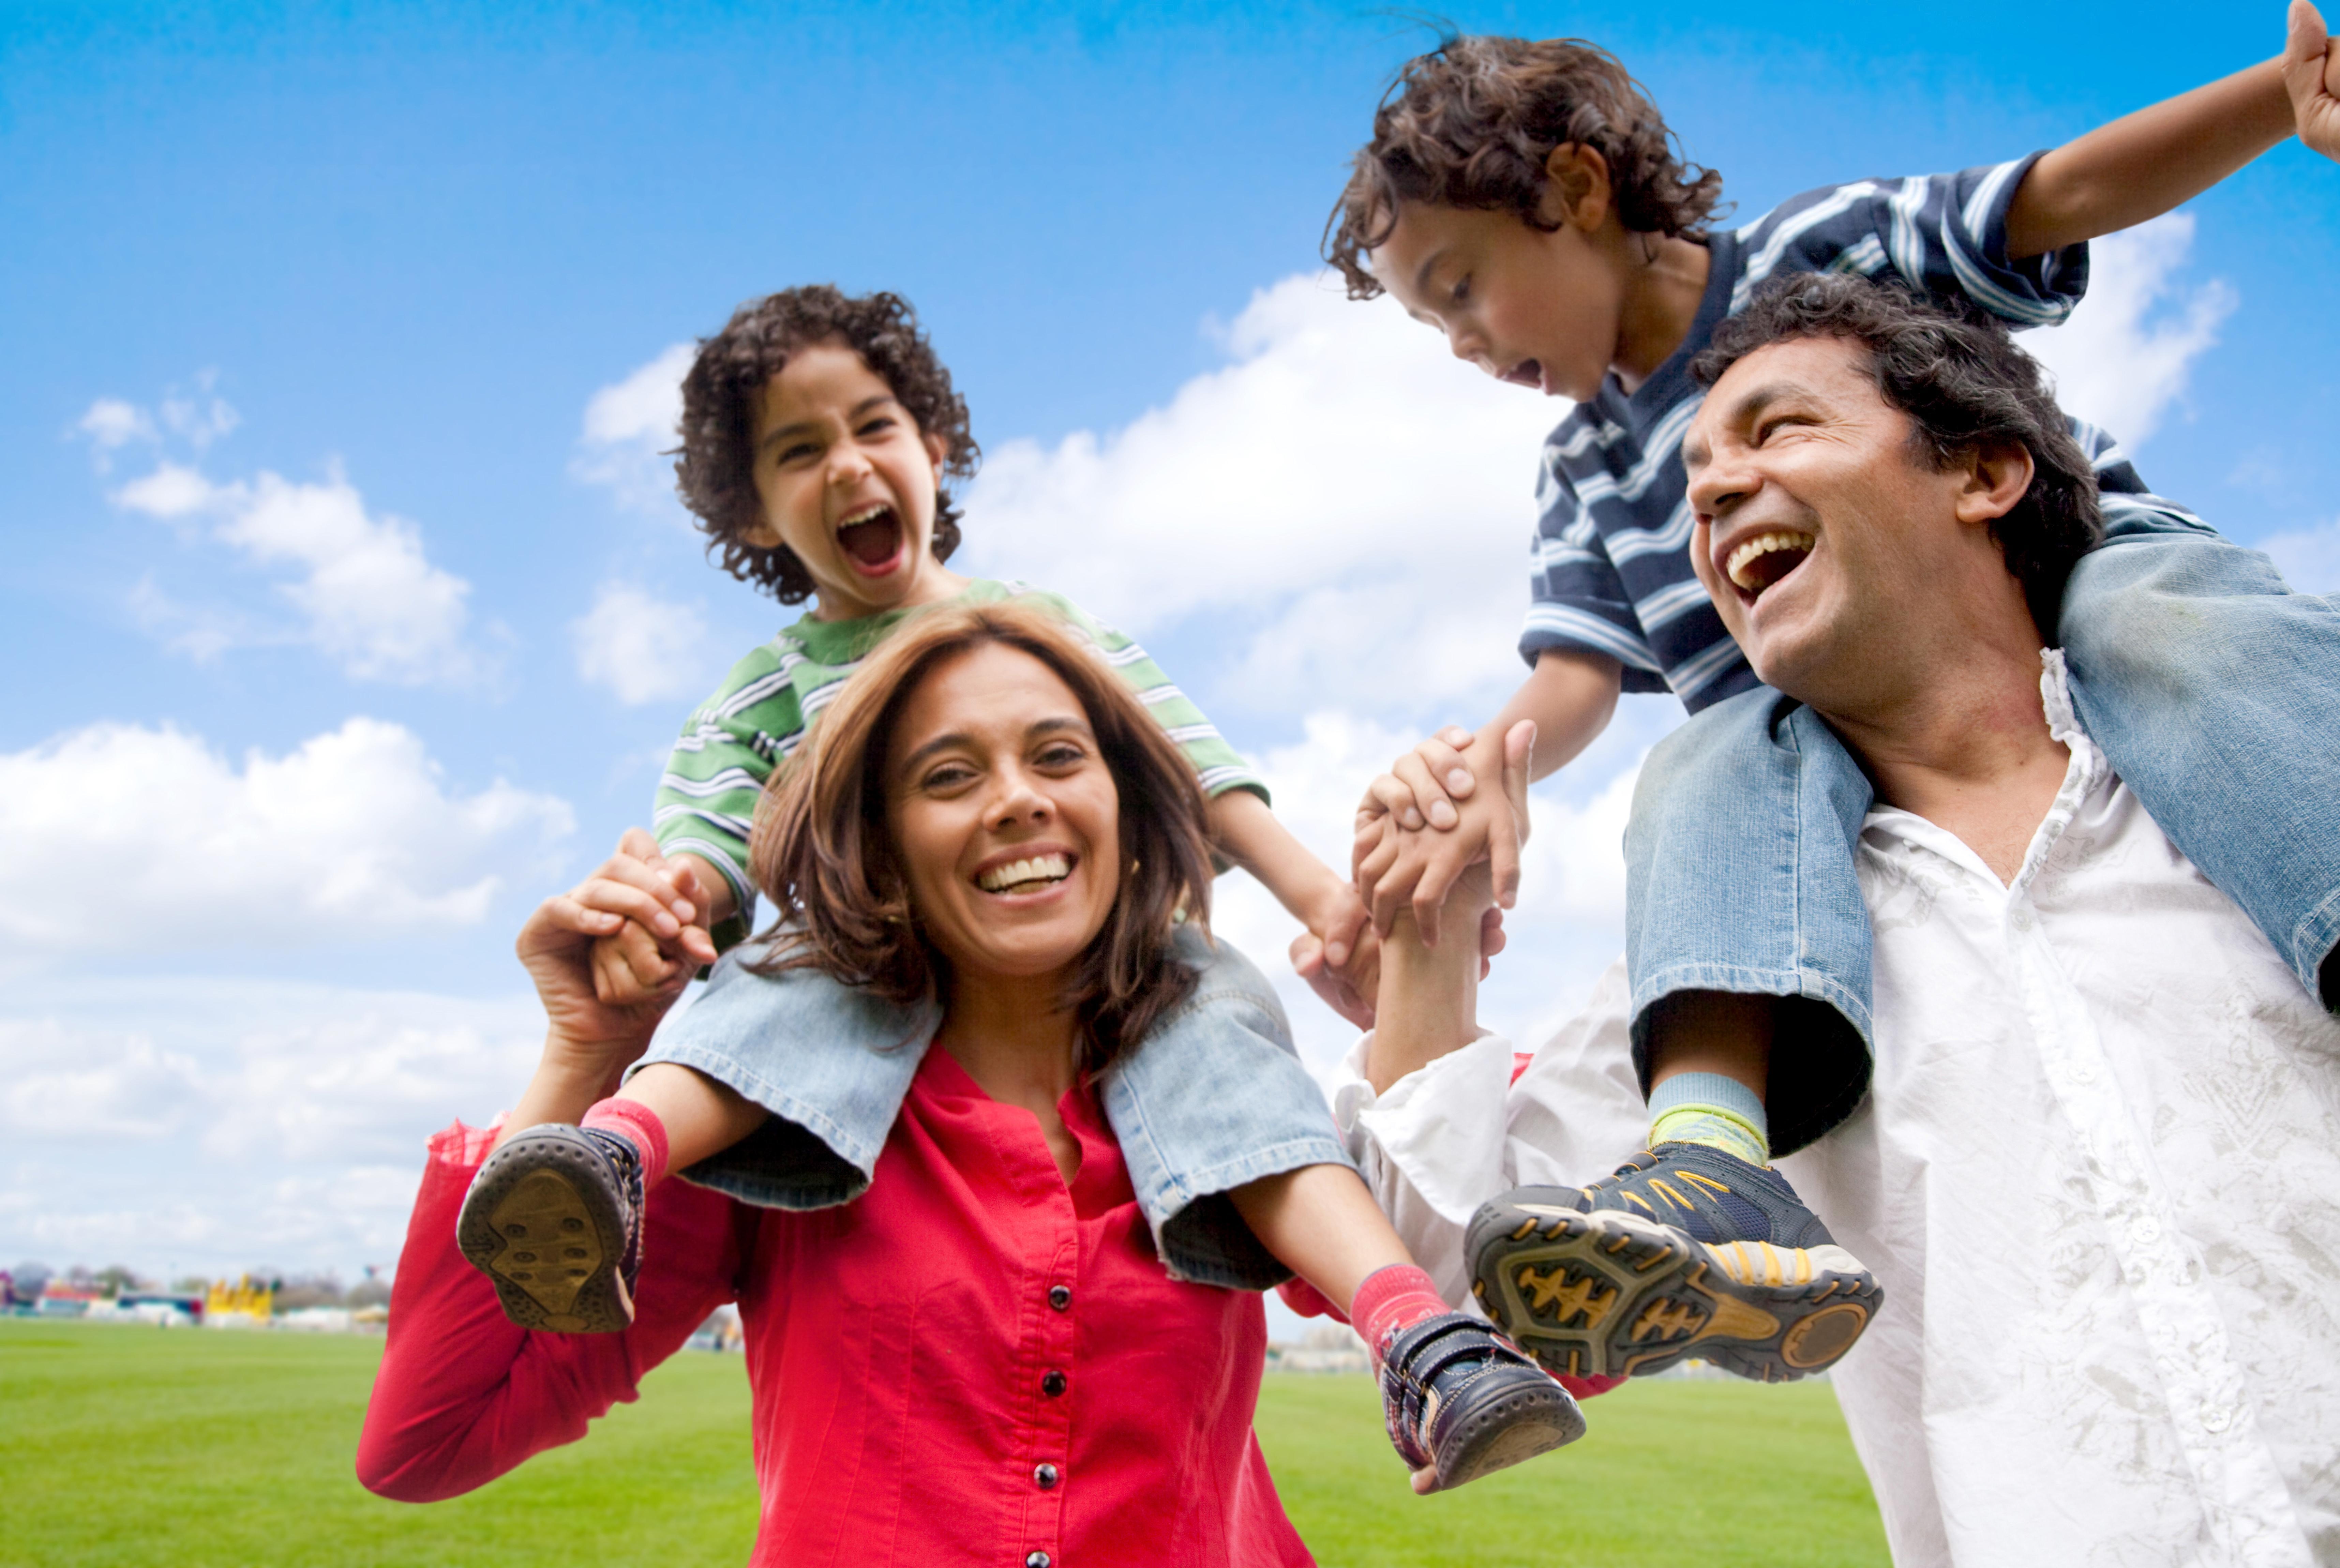 Los niños son felices en familia | Social